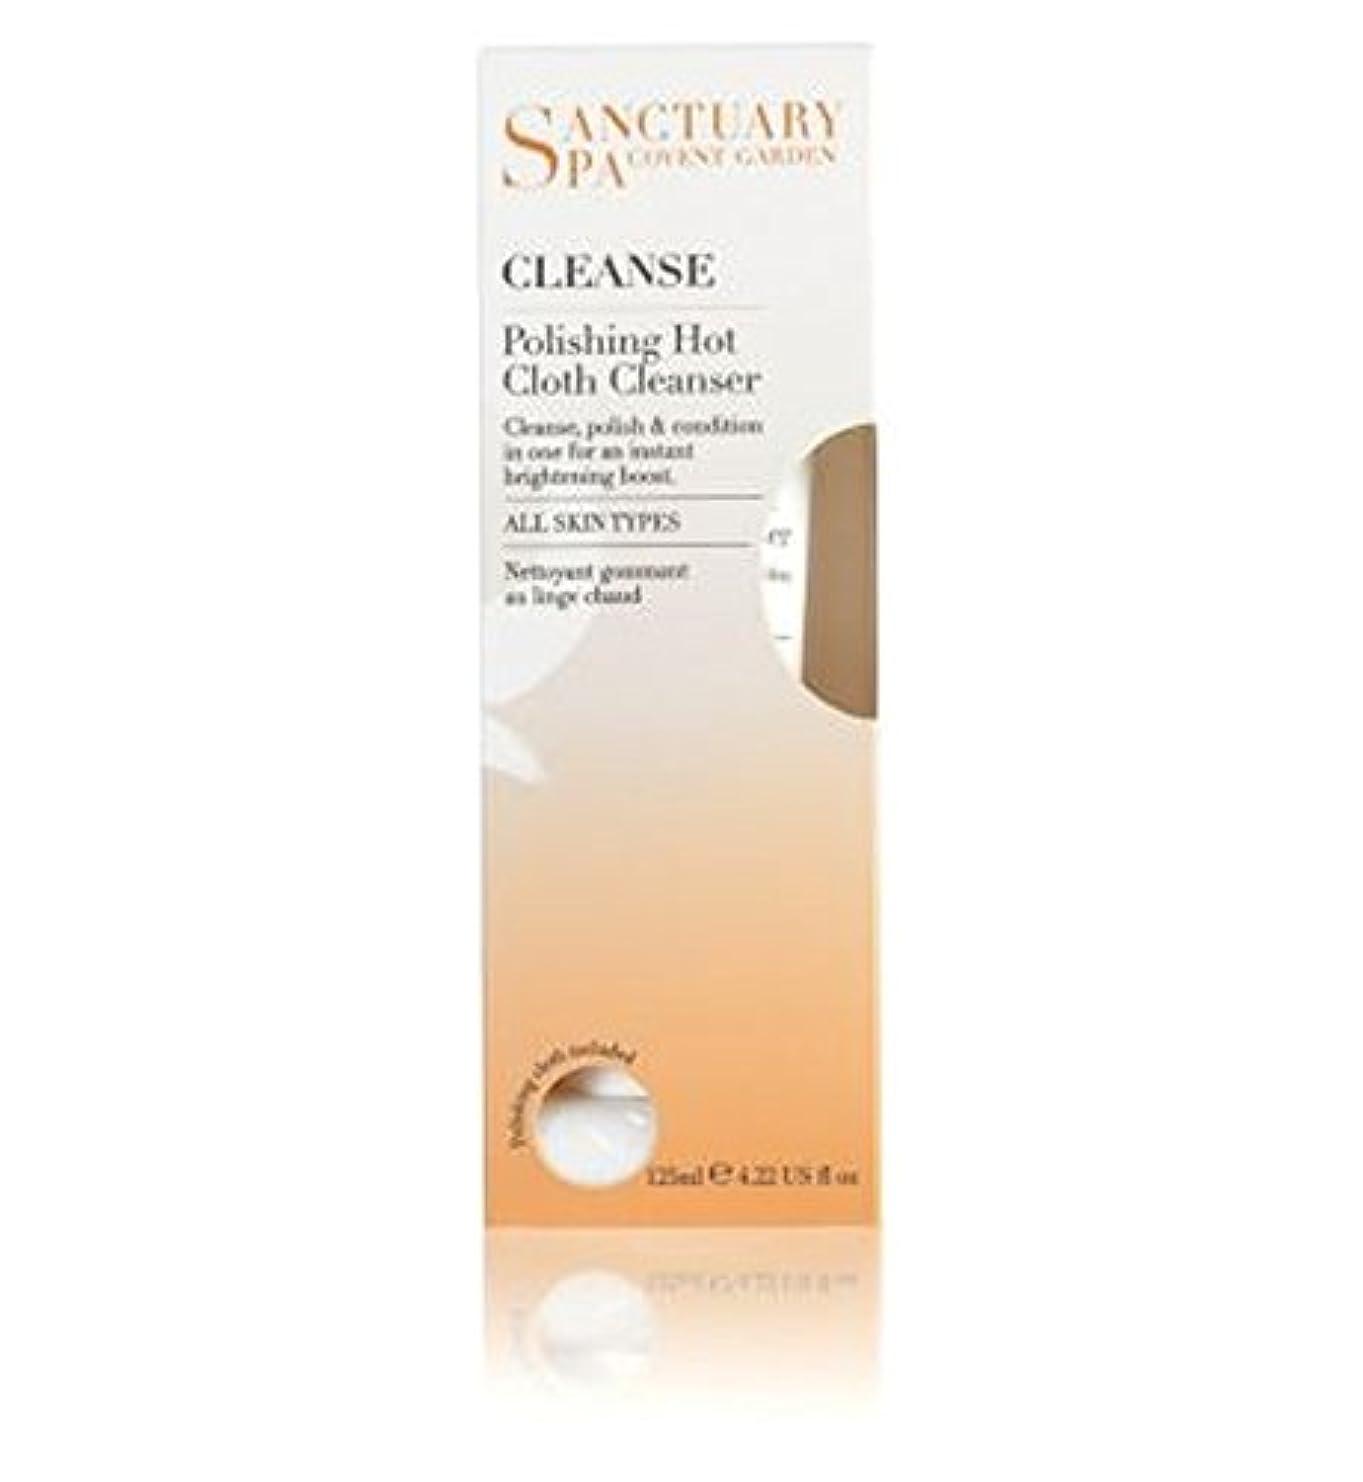 かけがえのないいわゆる道徳のSanctuary Spa Polishing Hot Cloth Cleanser - 聖域スパ研磨ホット布クレンザー (Sanctuary) [並行輸入品]